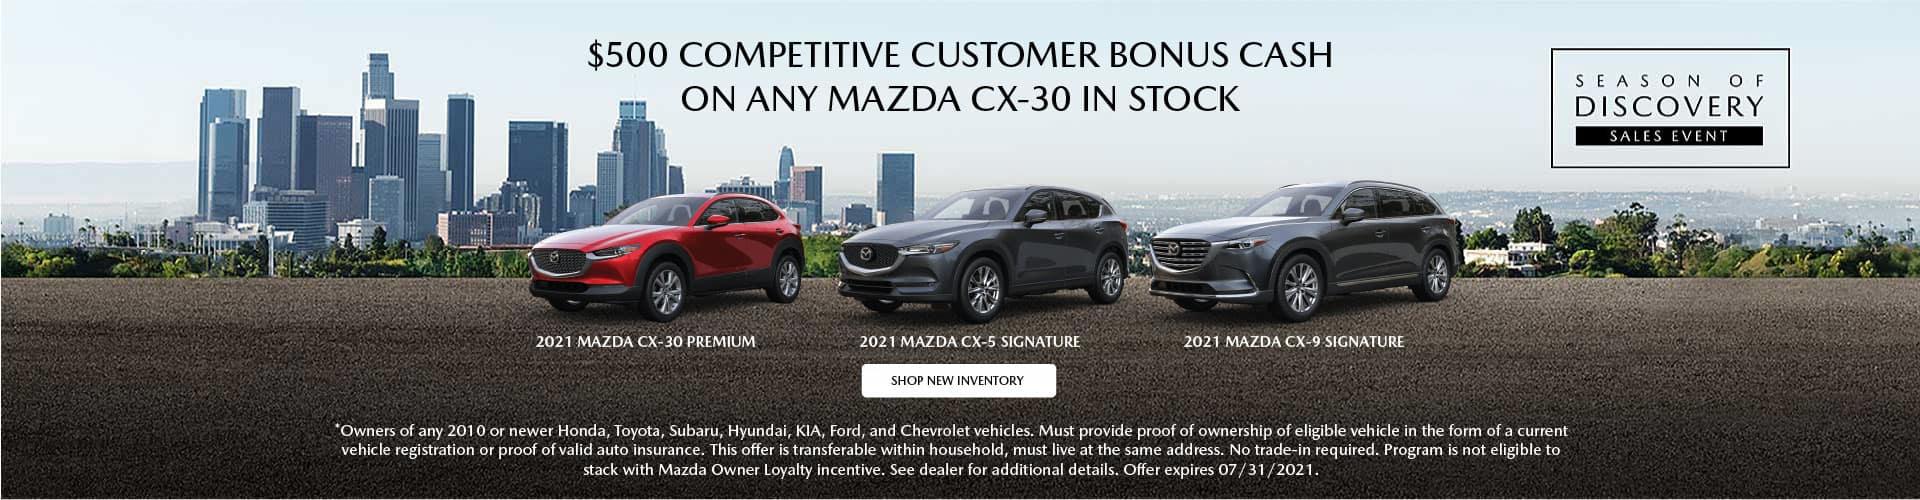 $500 COMPETITIVE Customer BONUS CASH ON any MAZDA CX-30 in stock